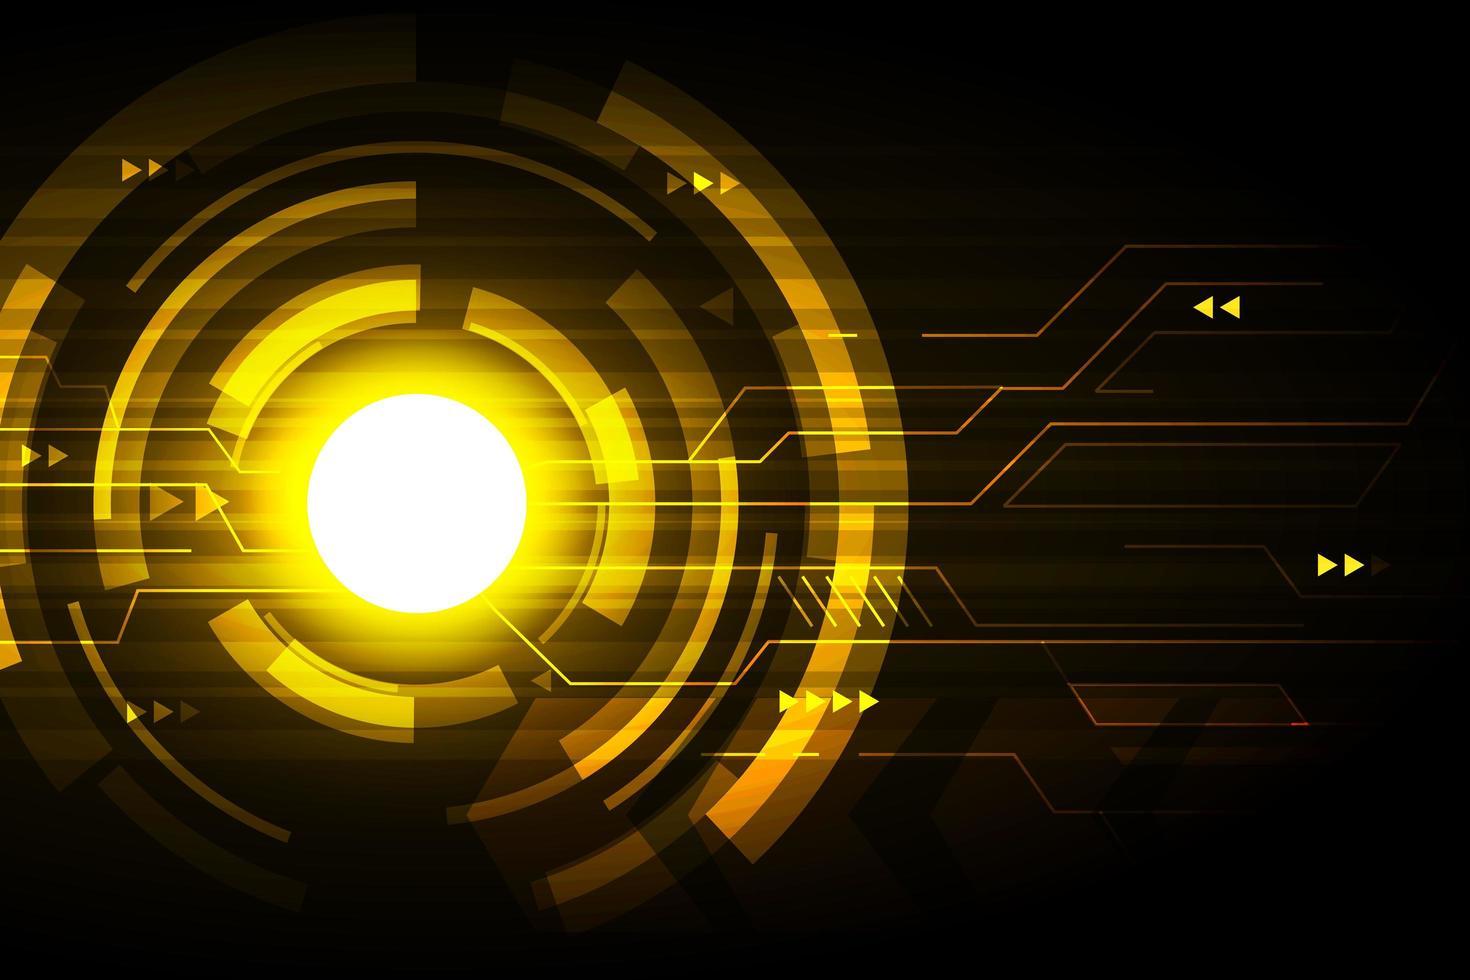 design futurista de tecnologia abstrata dourada vetor